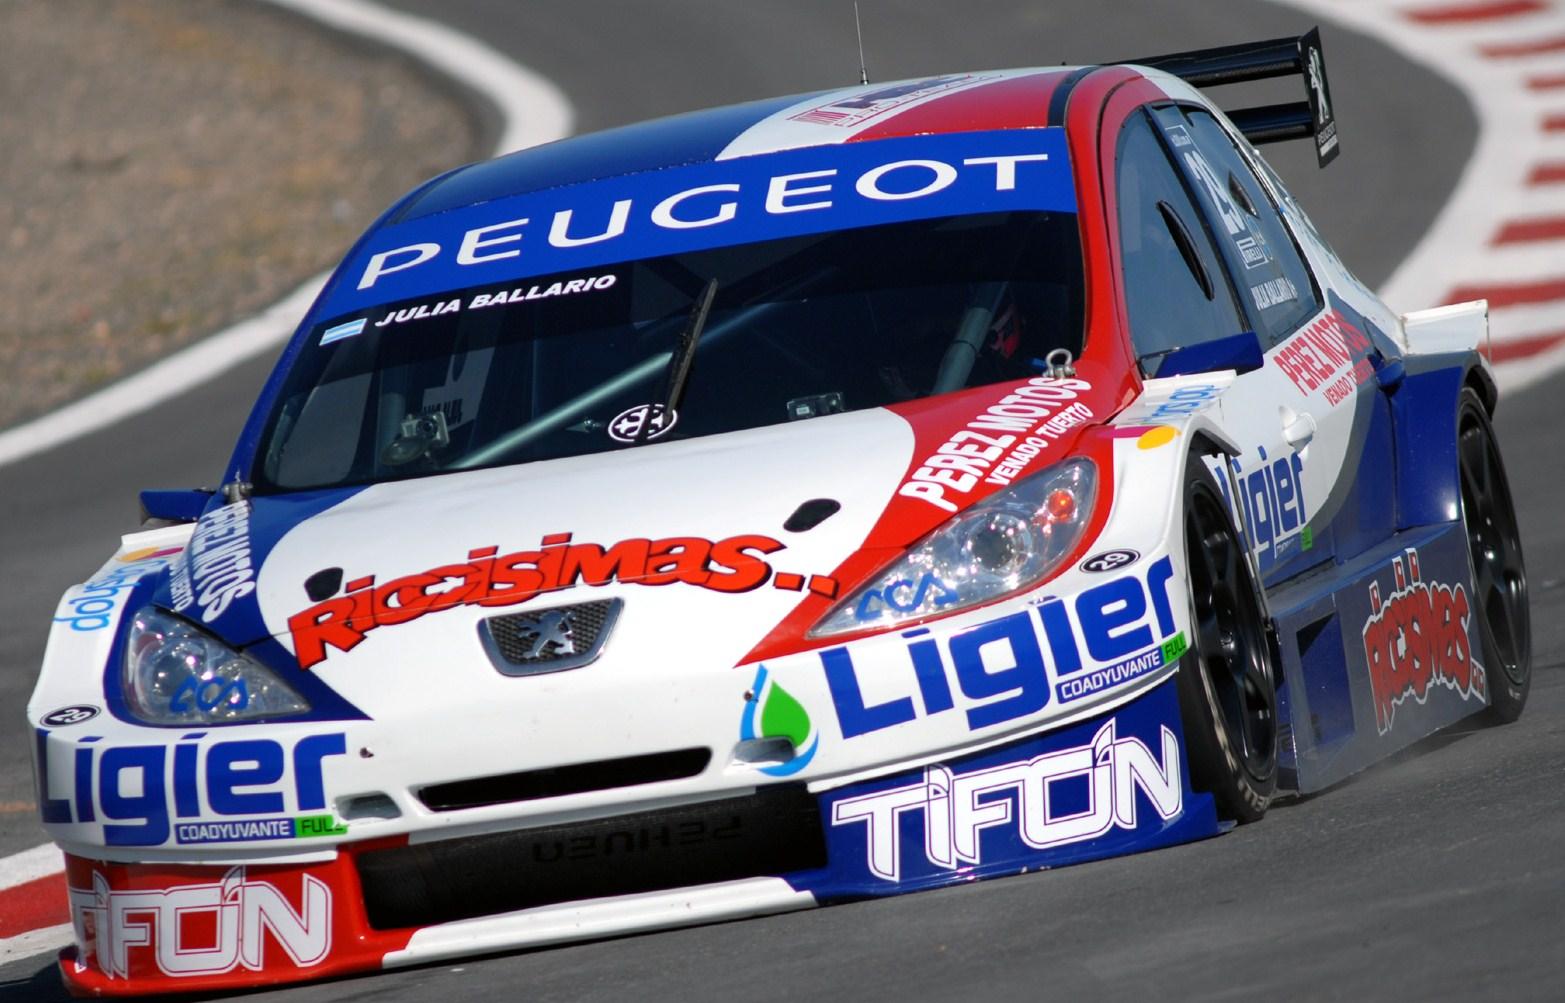 Nuevos Autos Tc 2000 Temporada 2012